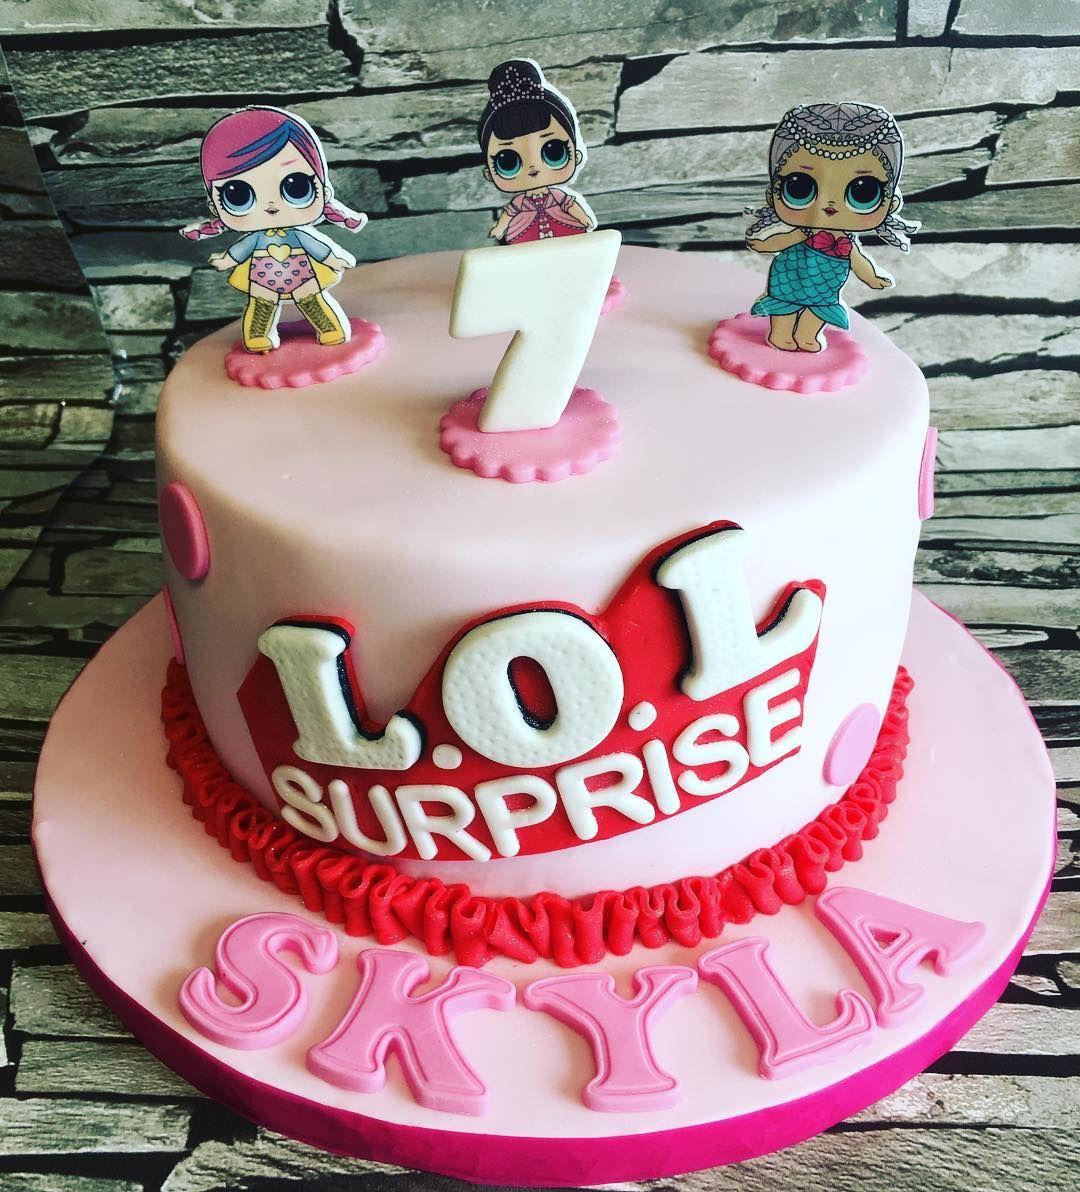 Lol surprise cake for a birthday princess birthdaycake